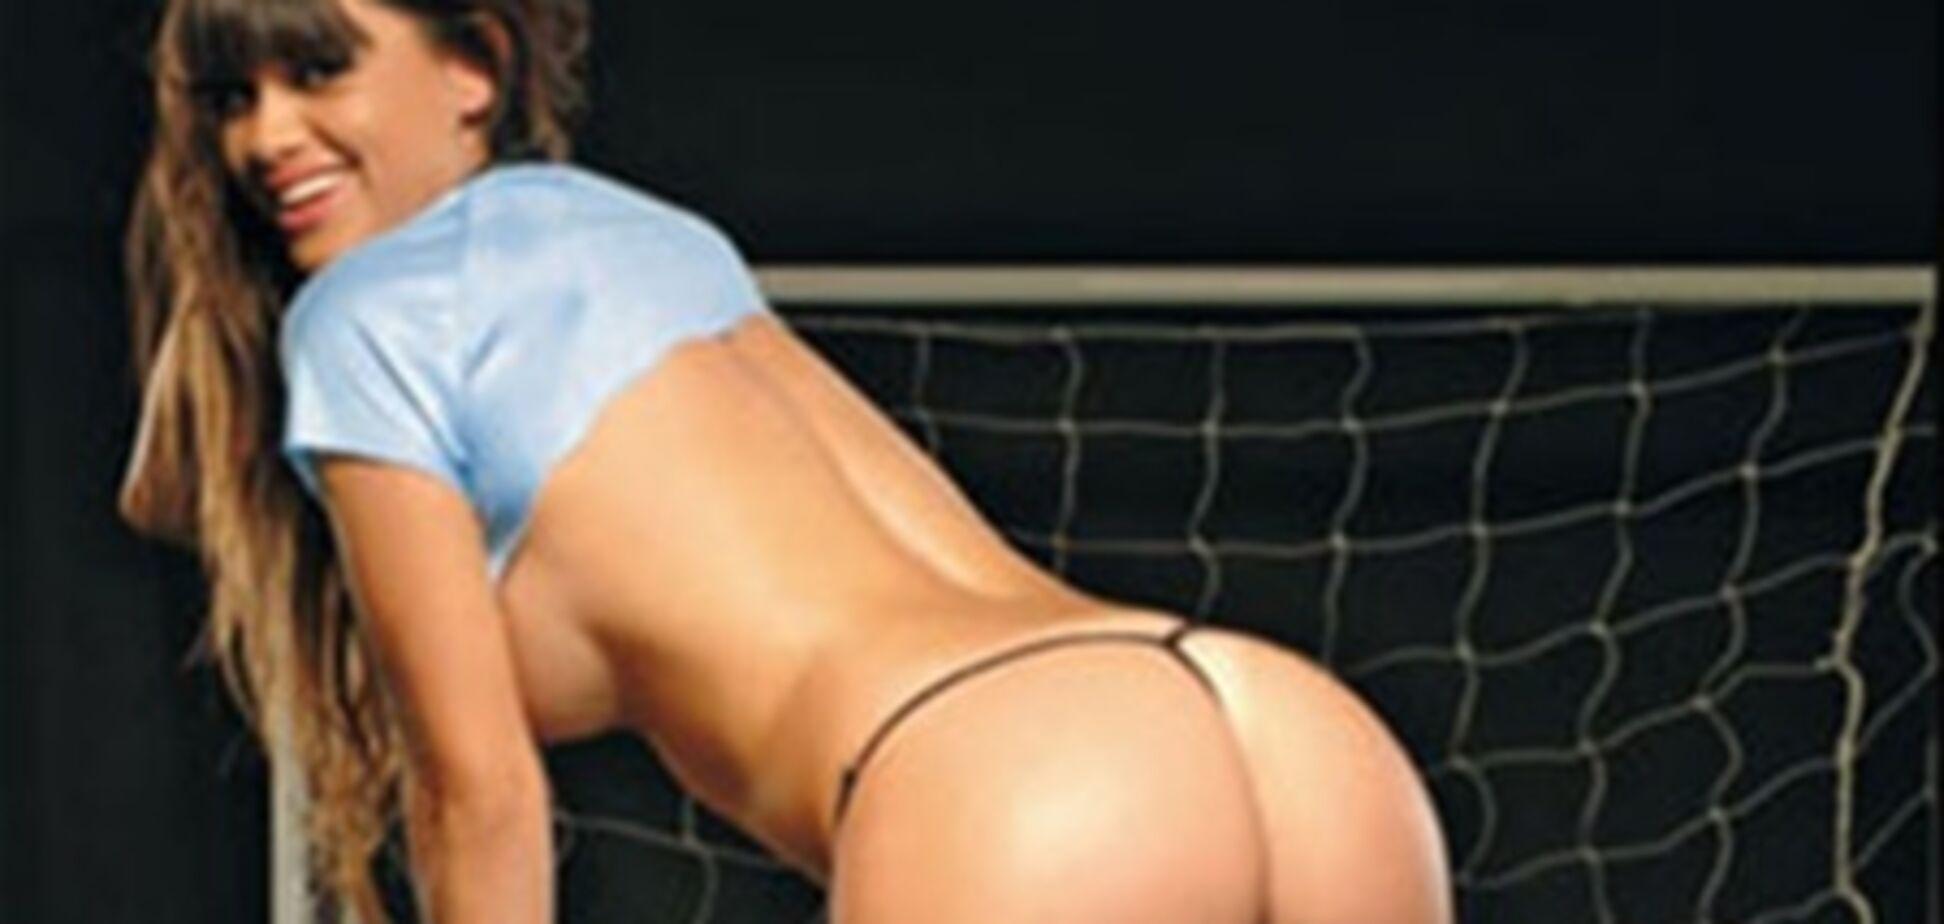 Лучший игрок ЧМ-2010 по футболу меняет топ-моделей, как перчатки